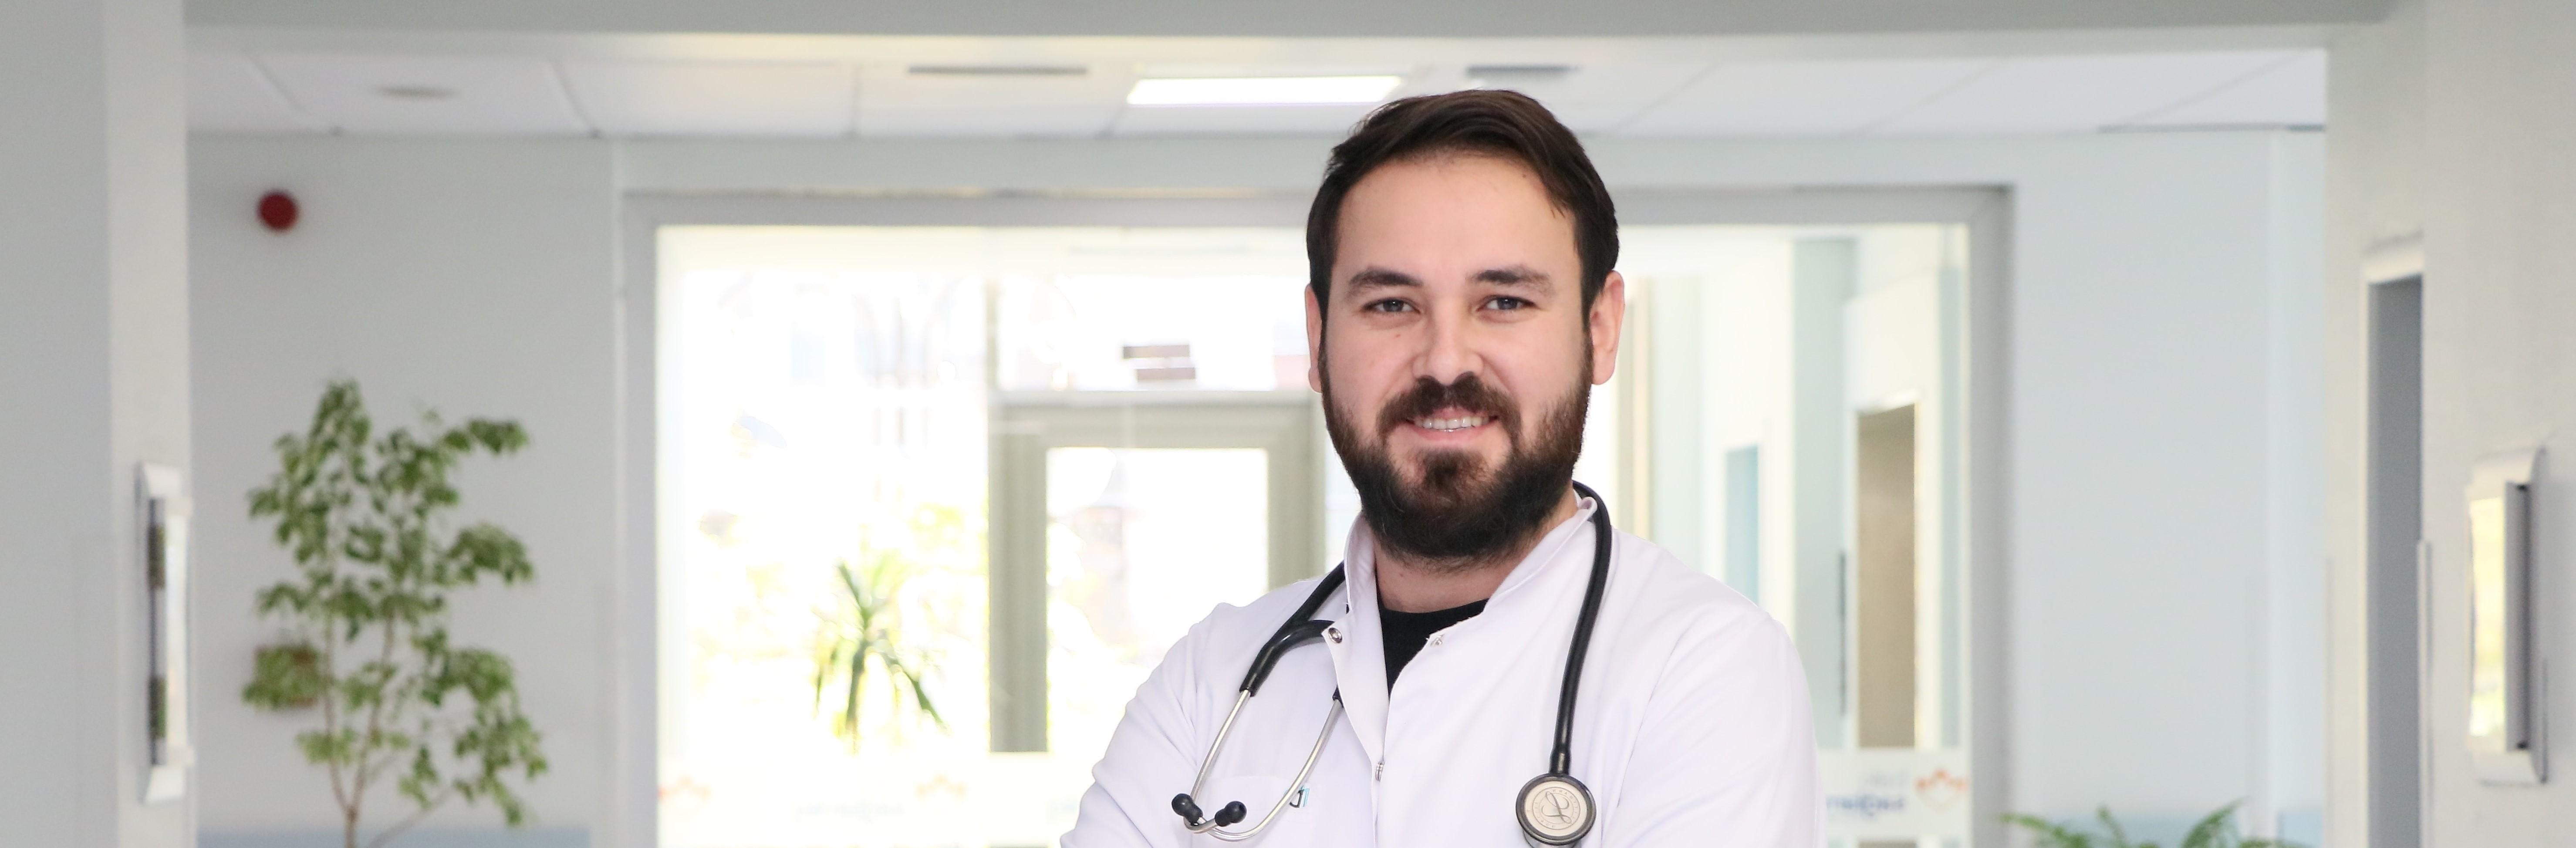 doctor__img